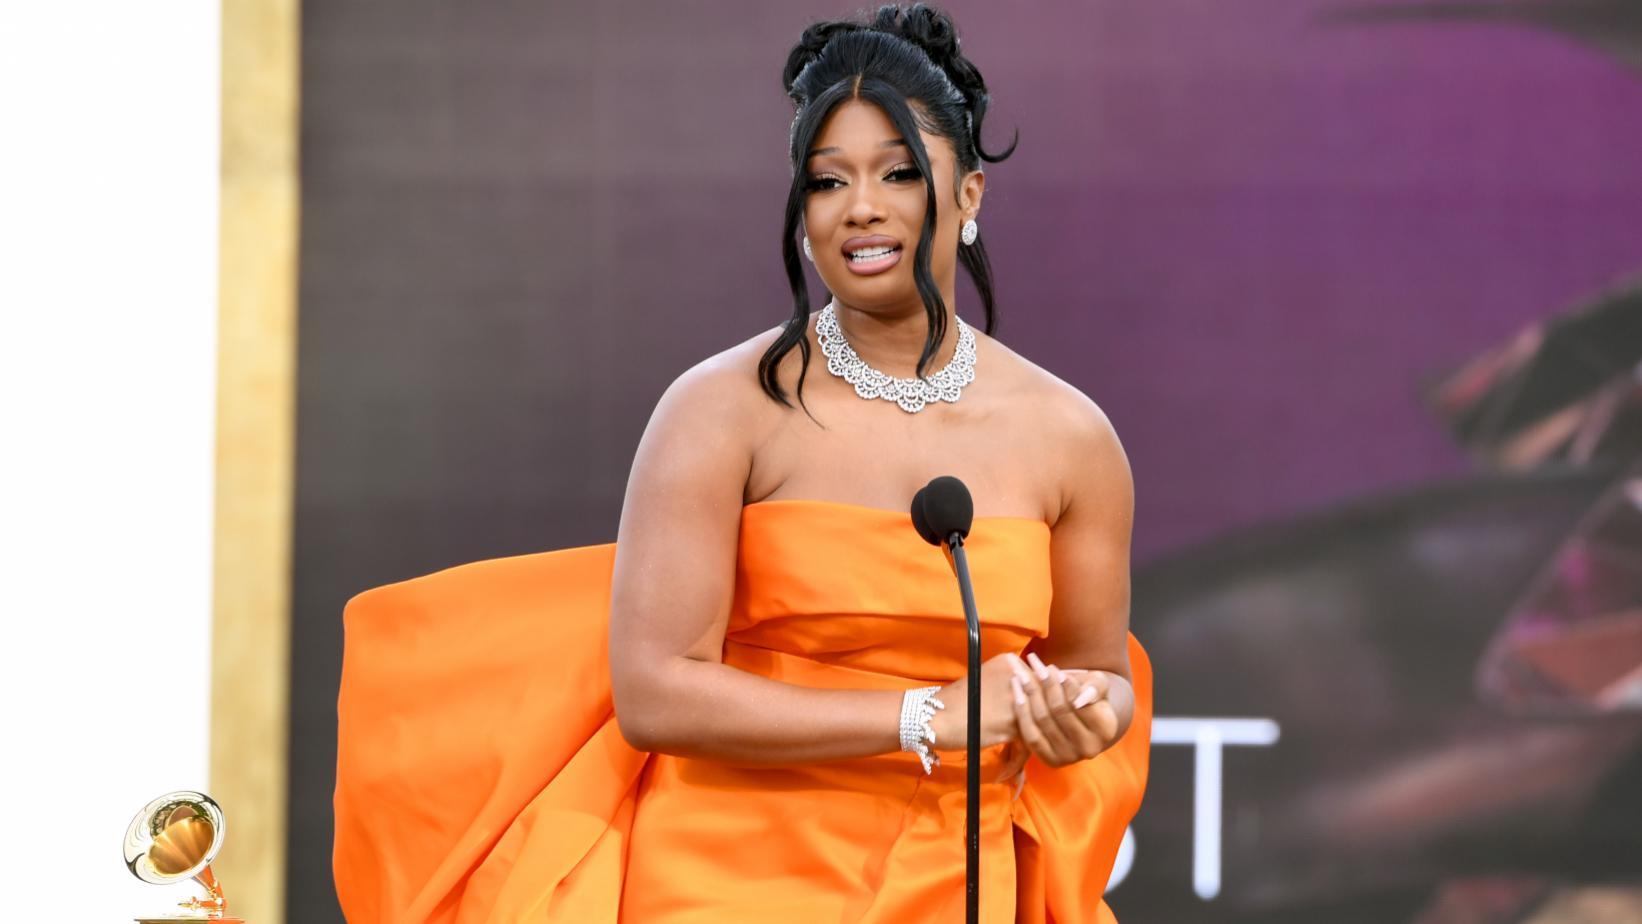 Megan Thee Stallion bodied the Grammys